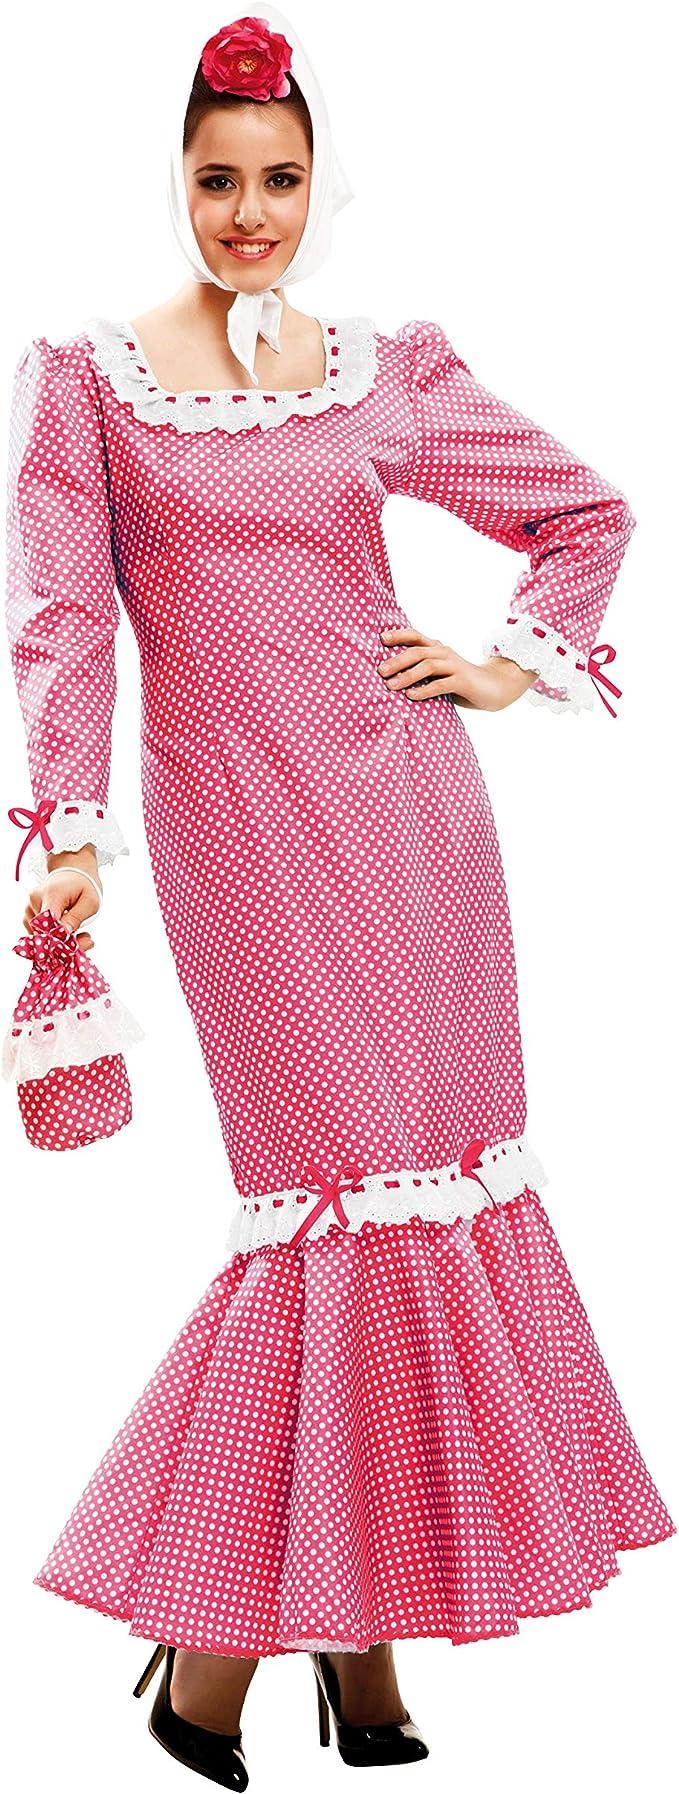 My Other Me - Disfraz de madrileña para mujer, talla M-L, color rosa (Viving Costumes MOM02324): Amazon.es: Juguetes y juegos